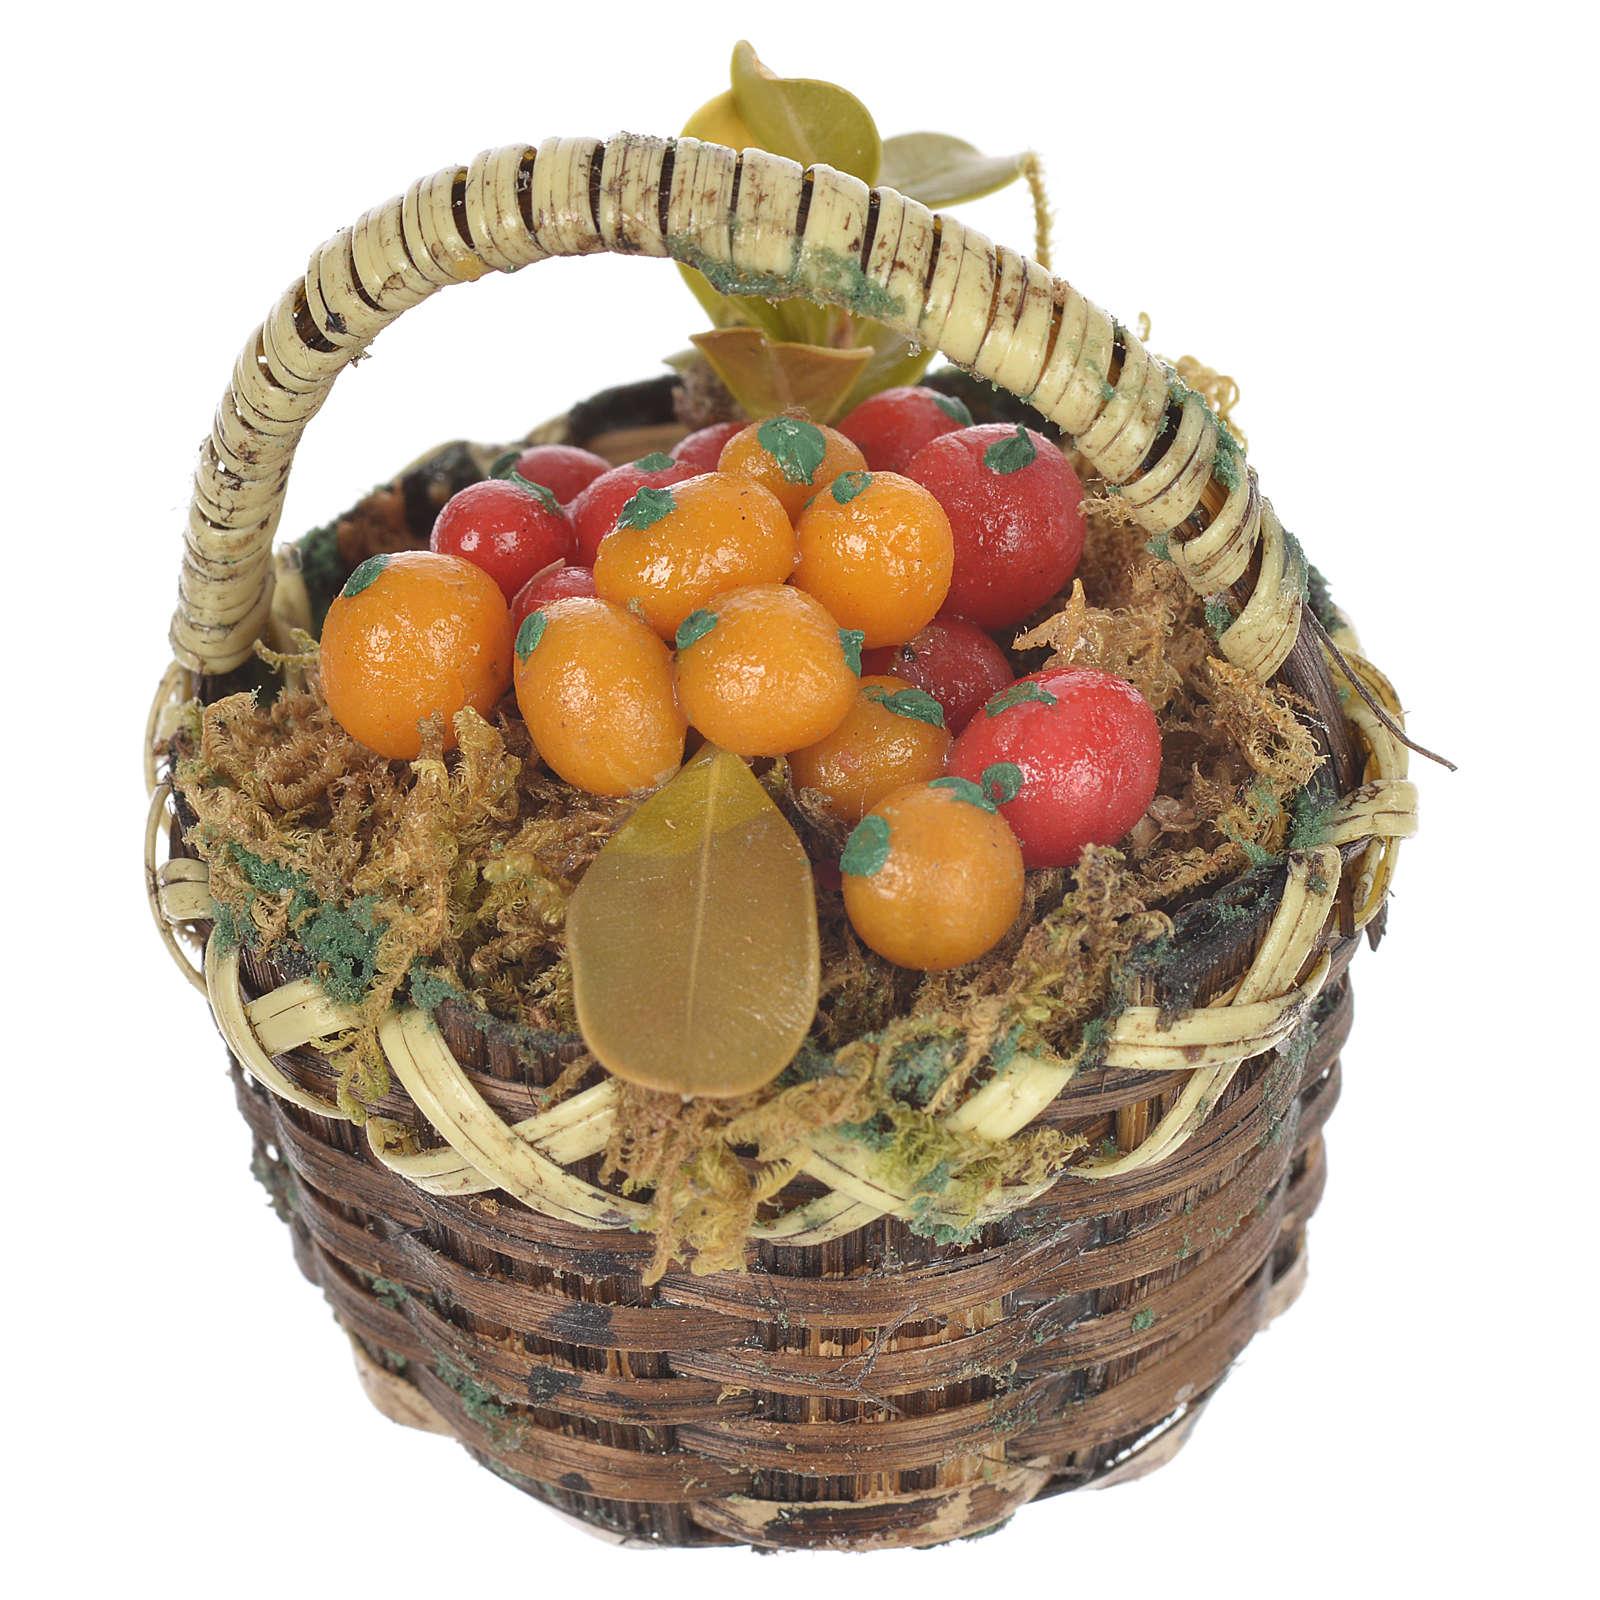 Cestino con frutta mista presepe per figure 20-24 cm 4